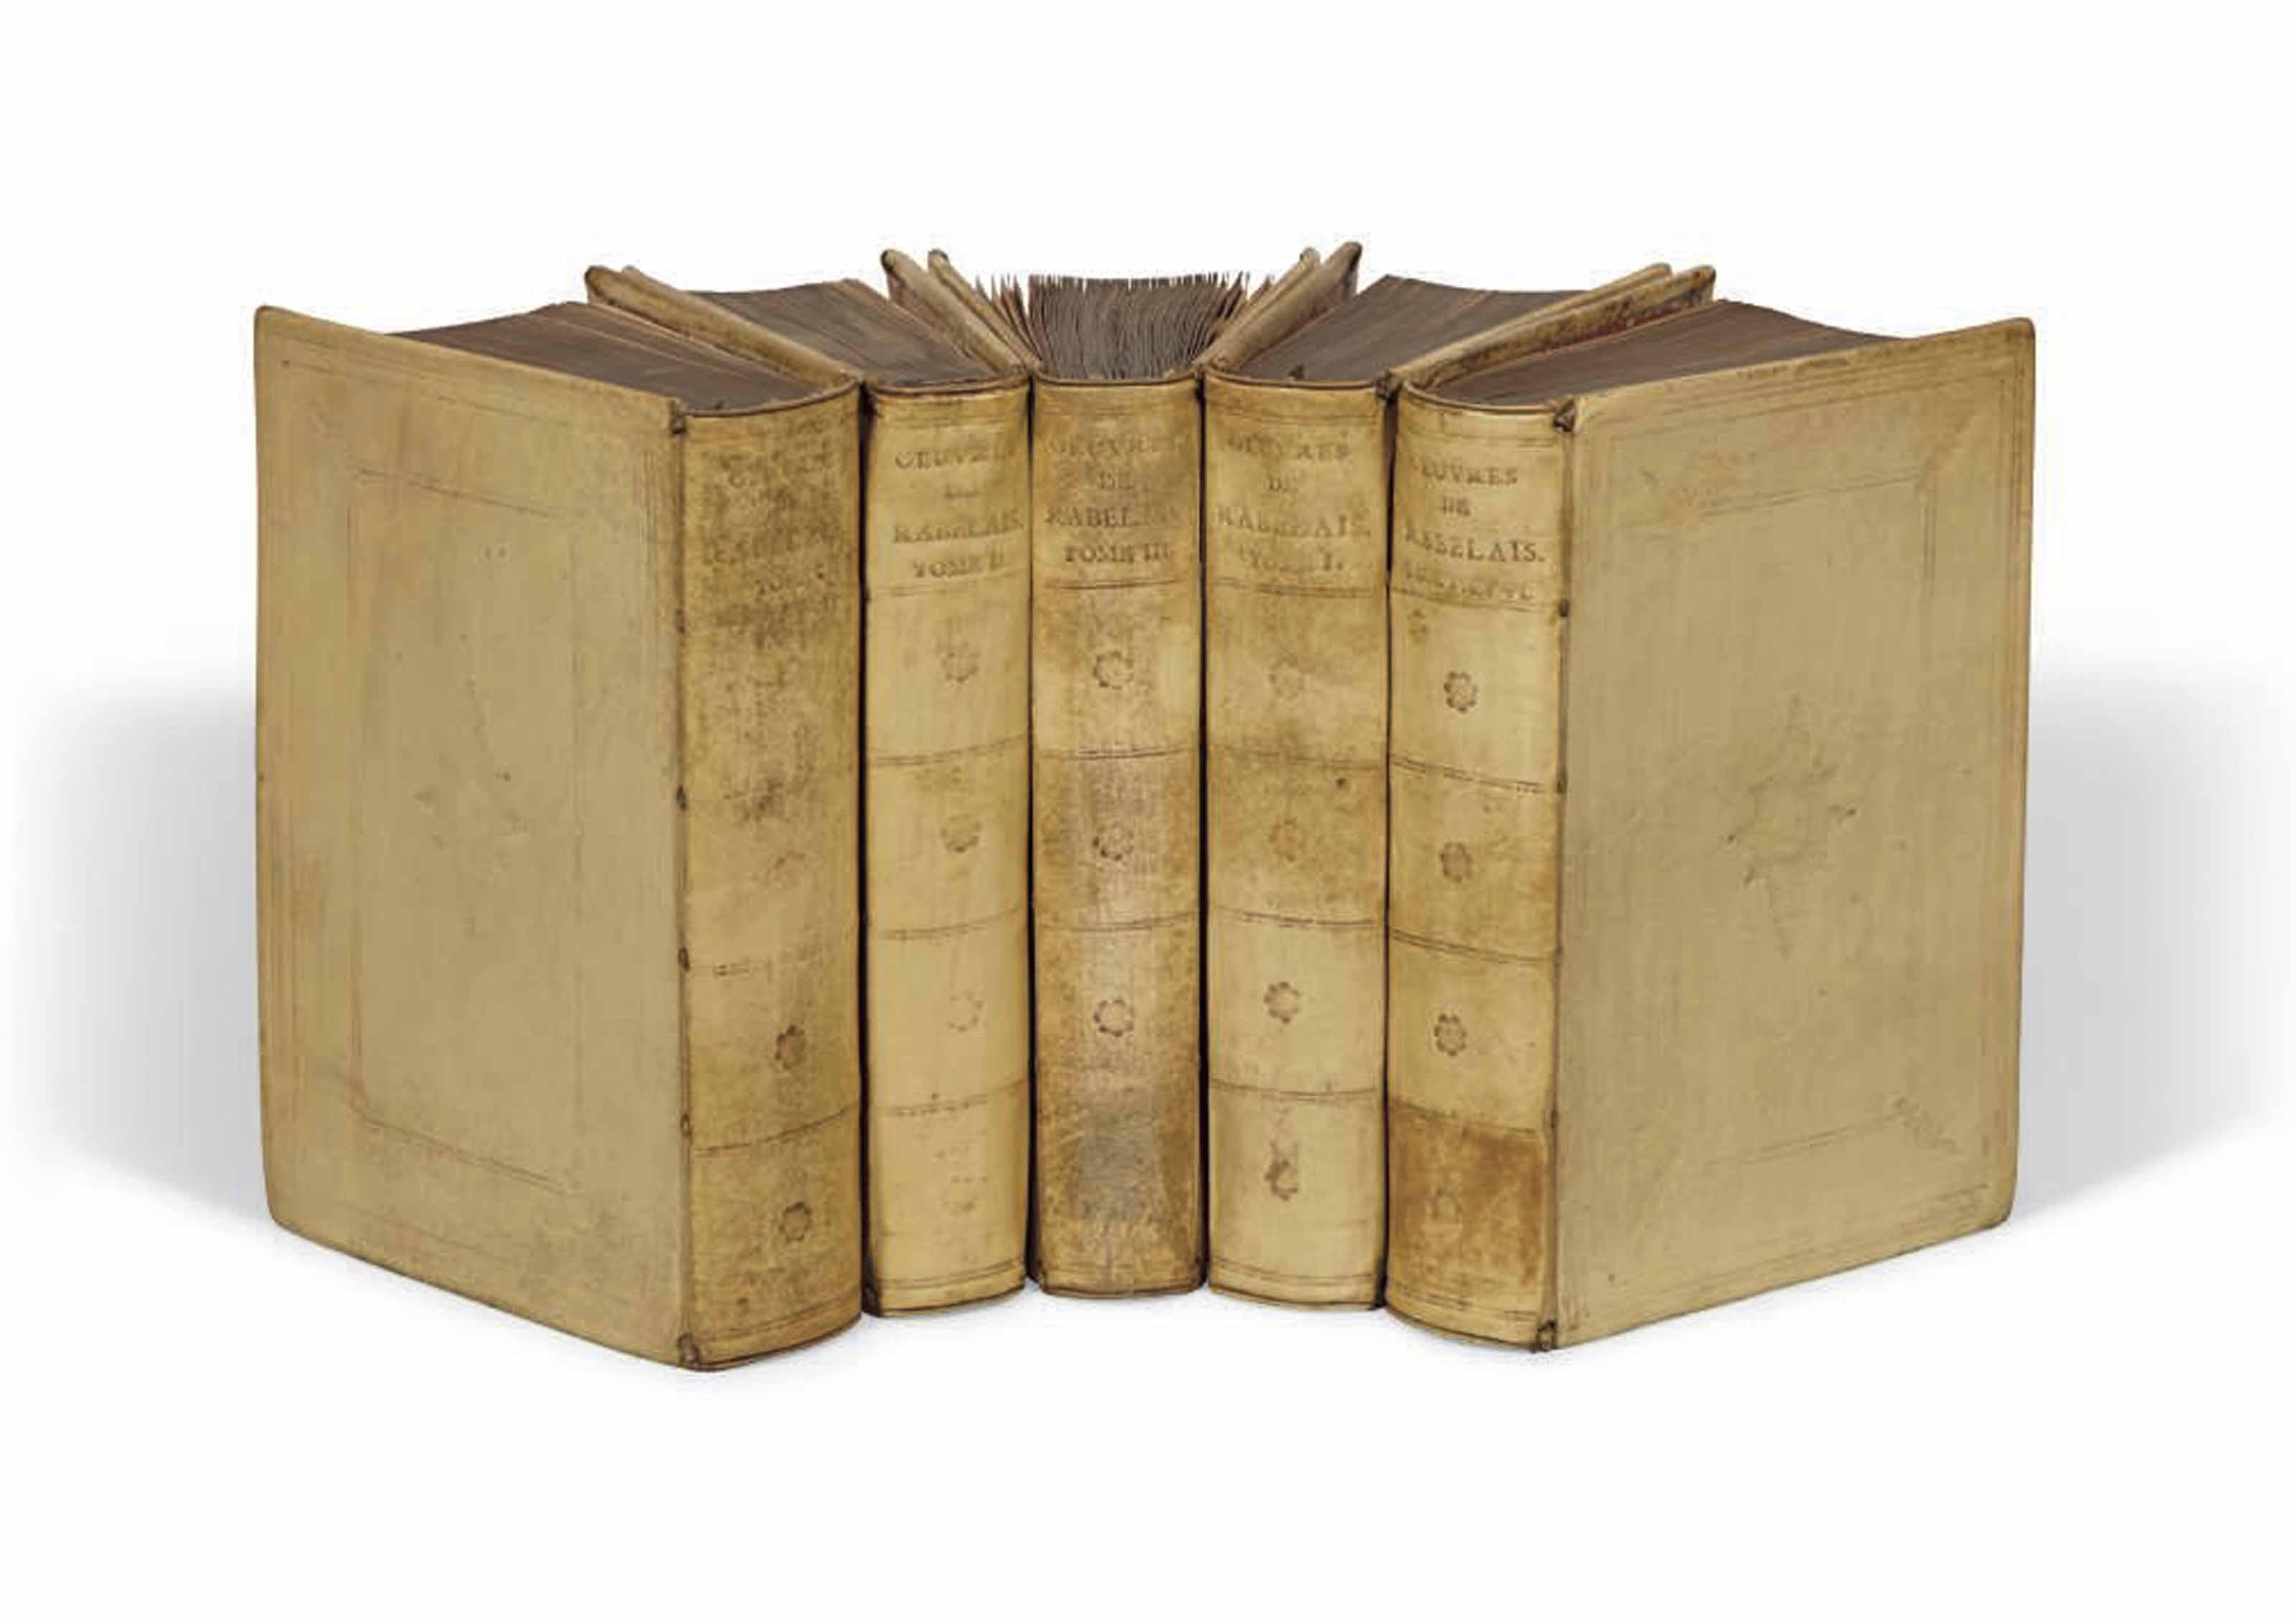 RABELAIS, François (1494-1553). Oeuvres... Amsterdam: Henri Bordesius, 1711. 6 tomes en 5 volumes in-8 (177 x 117 mm). Un frontispice gravé par W. de Broen, un portrait de Rabelais gravé par le même et 4 planches hors texte dont une carte du Chinonais. Reliure de l'époque, vélin, double encadrement à froid sur les plats avec fleuron central losangé, dos à nerfs ornés de fers à froid, tranches dorées, boîtes modernes.